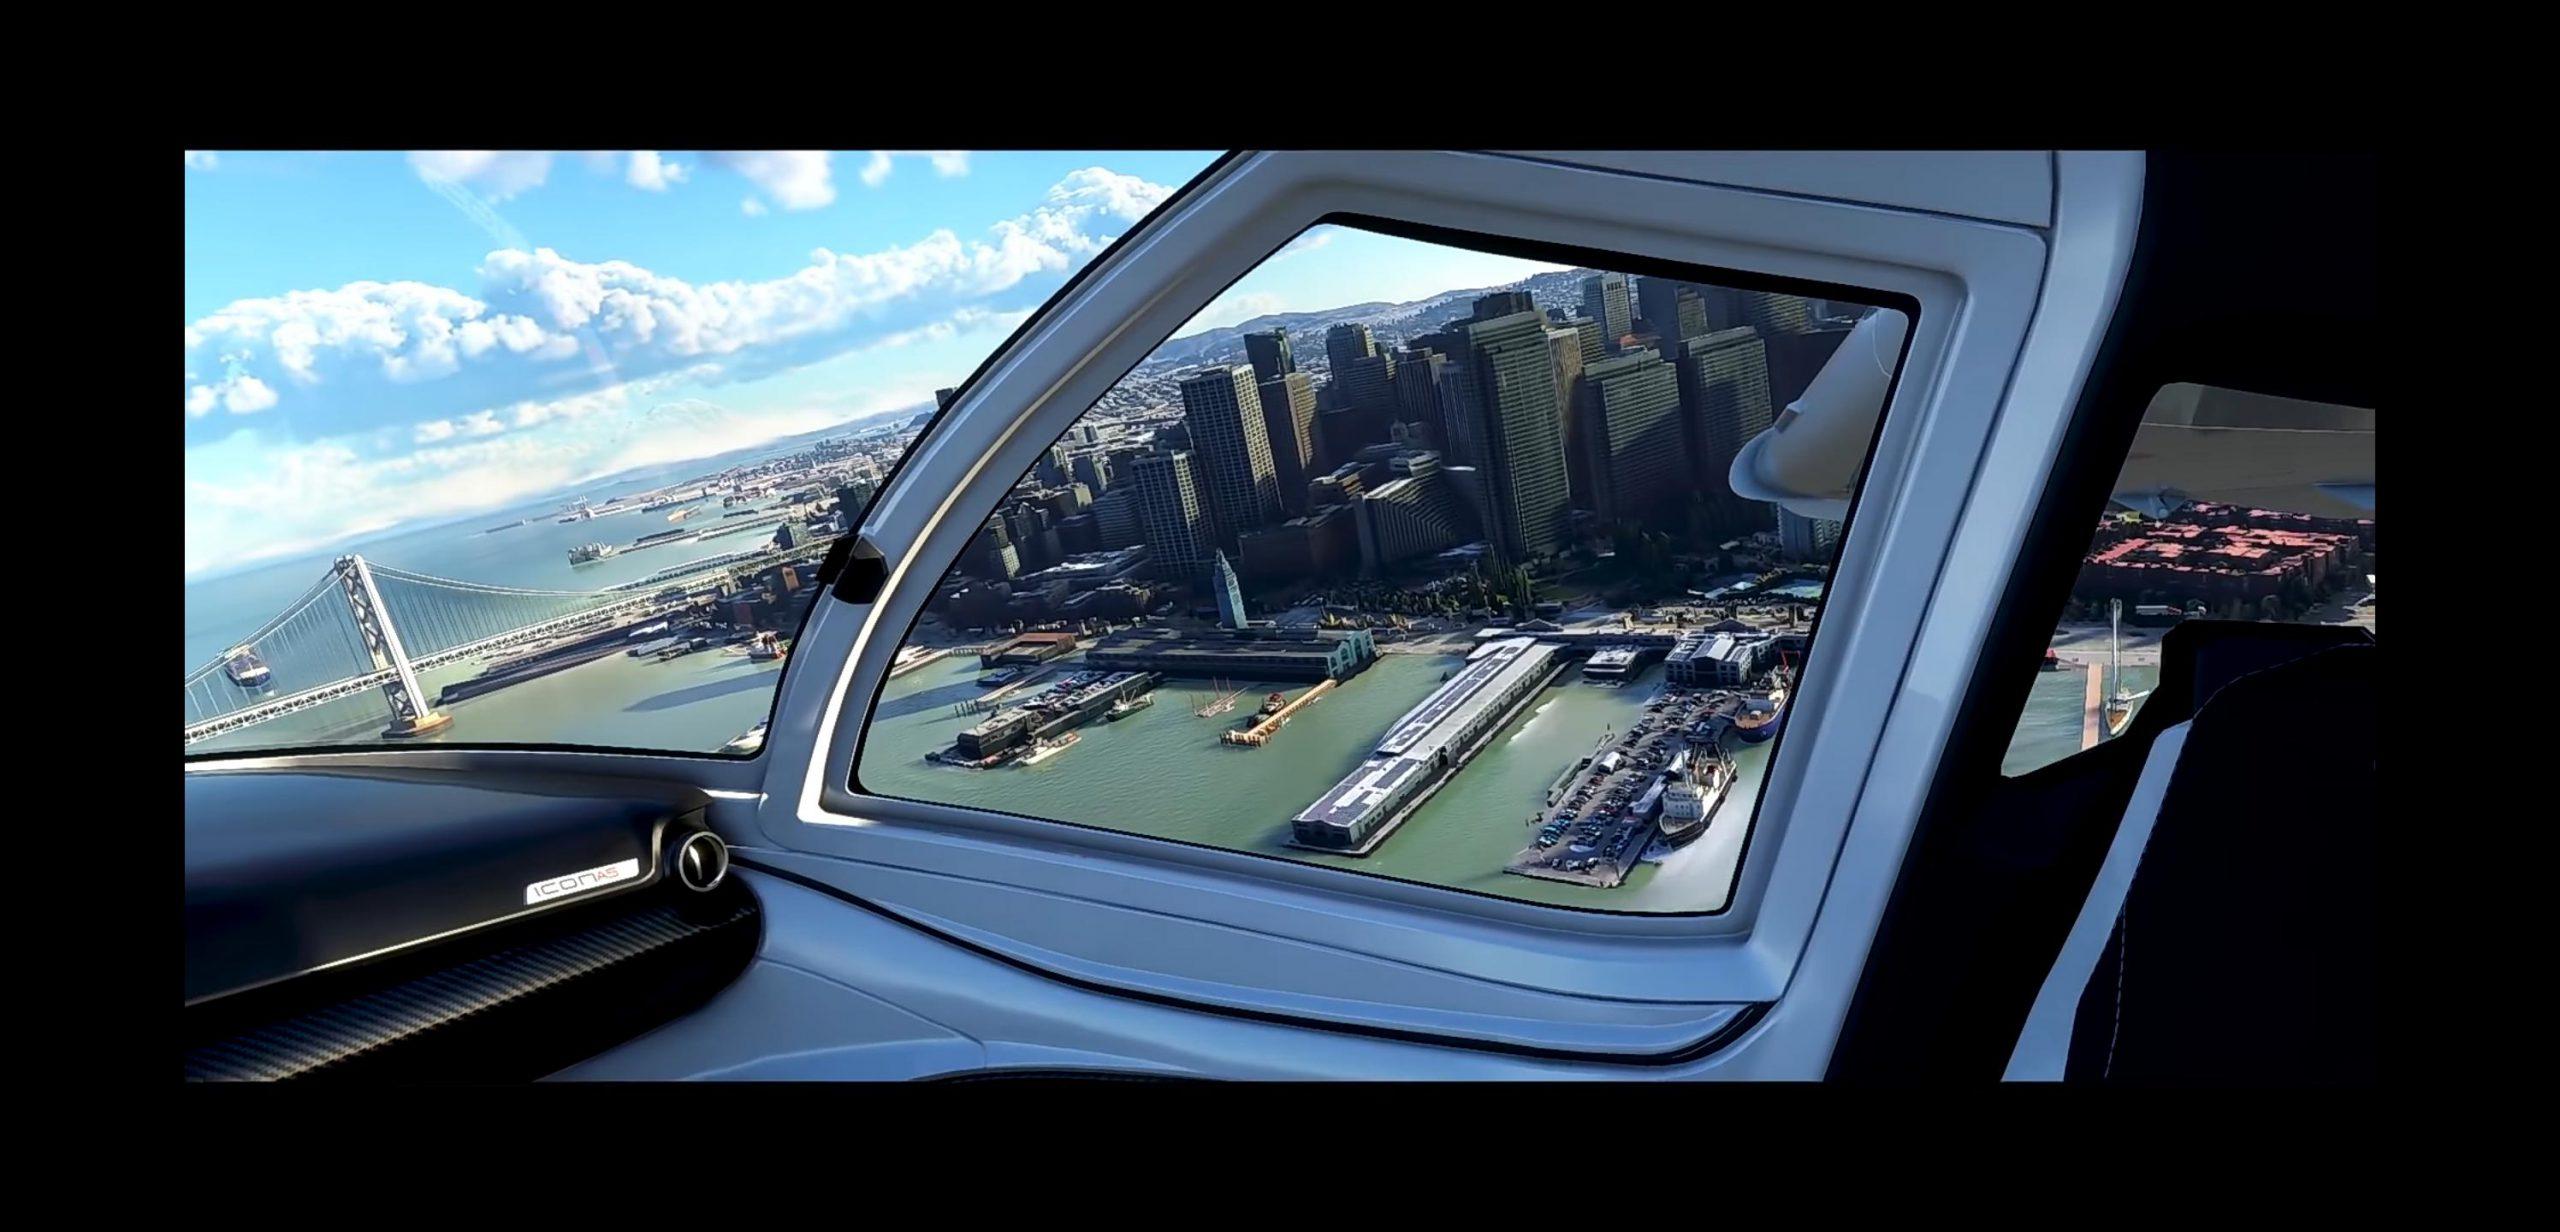 7 18 scaled - 【動画あり】完全に実写な次世代ゲーム「Microsoft Flight Simulator」本日発売!! これがゲームとはマジで信じられないレベル